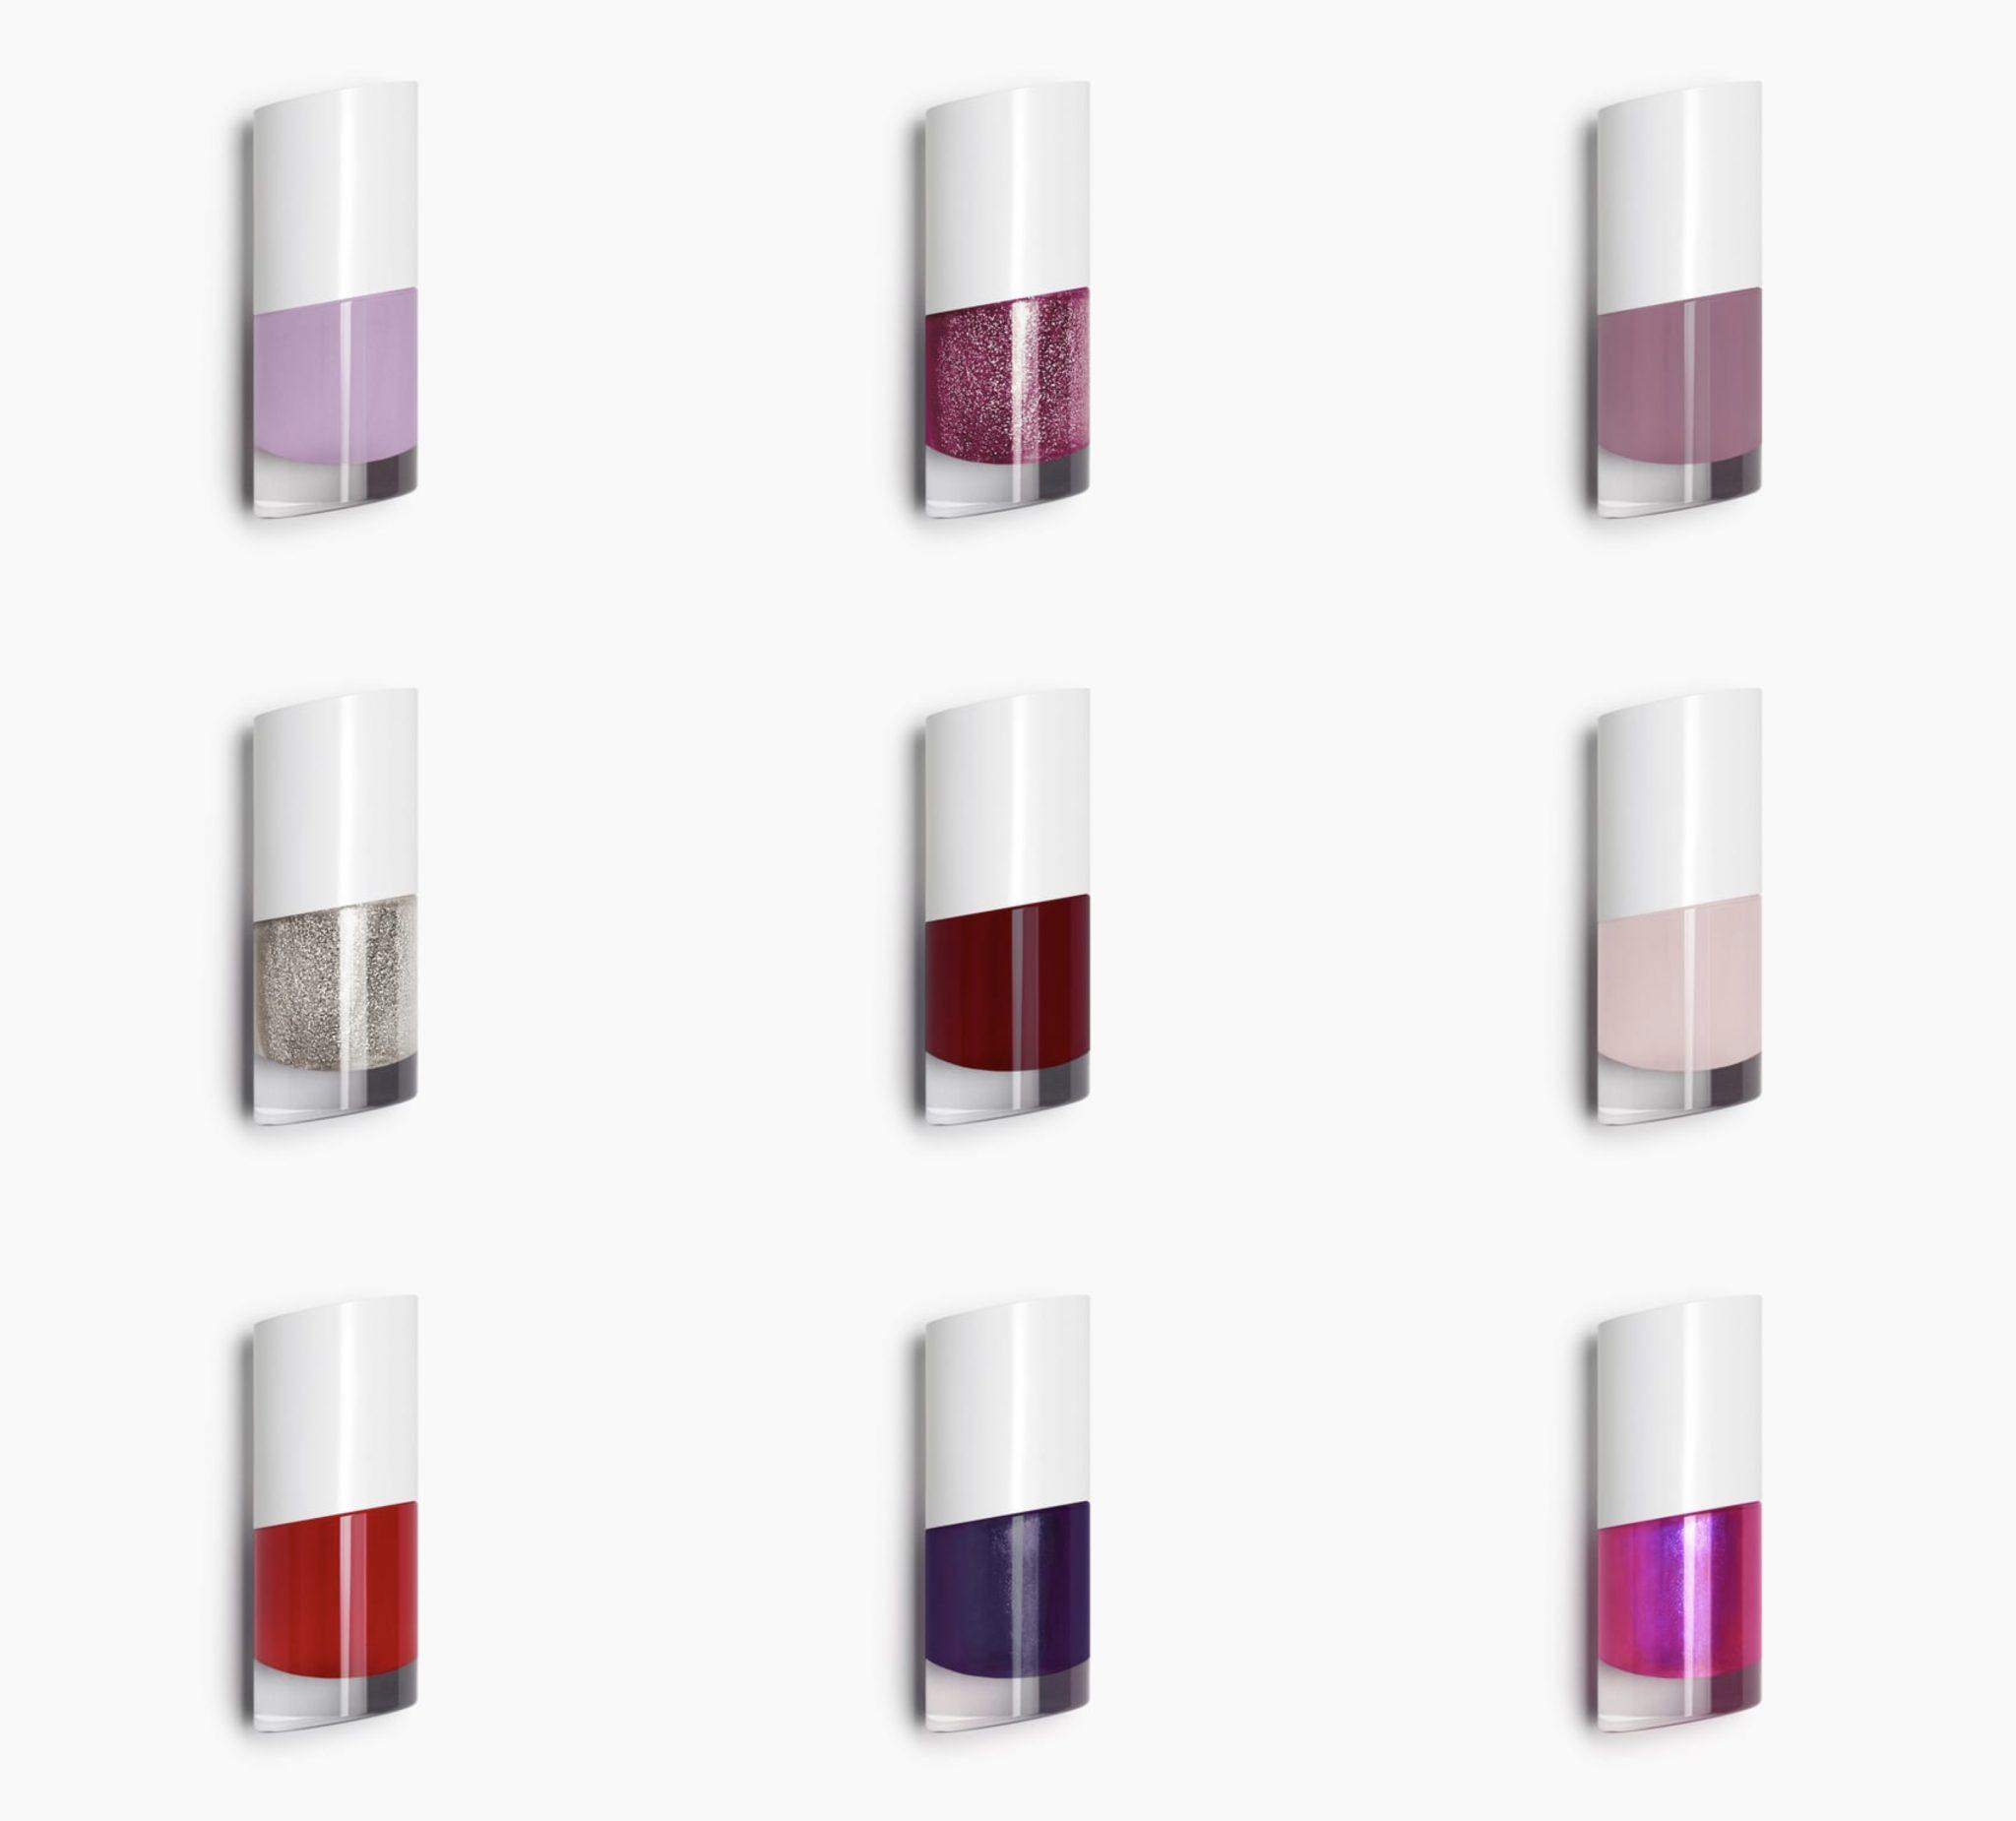 Zara entra en el mundo del maquillaje con la división Zara Beauty 2